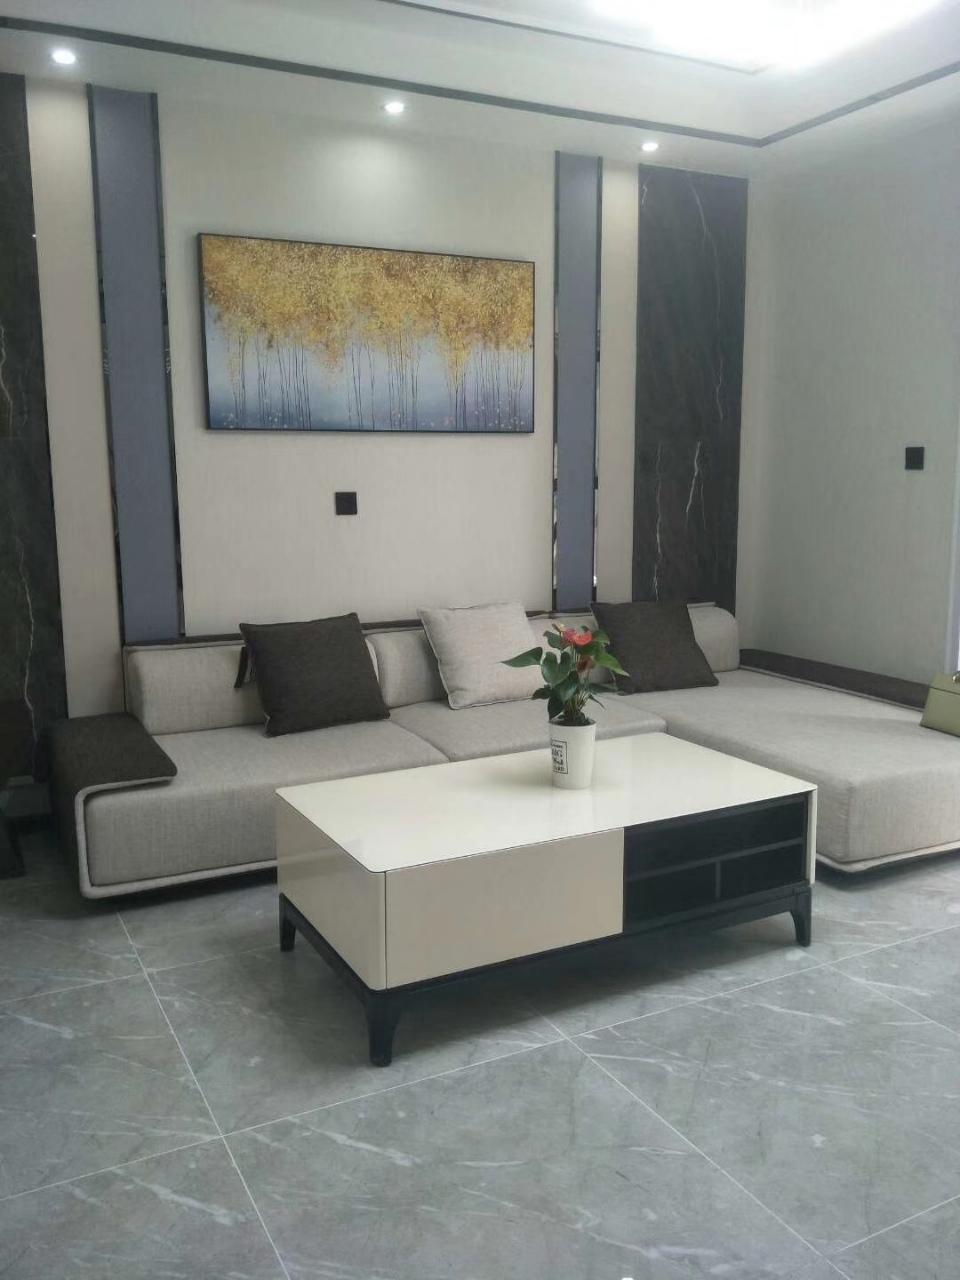 路易大地新房,中庭位置,三套二豪华精装108万元